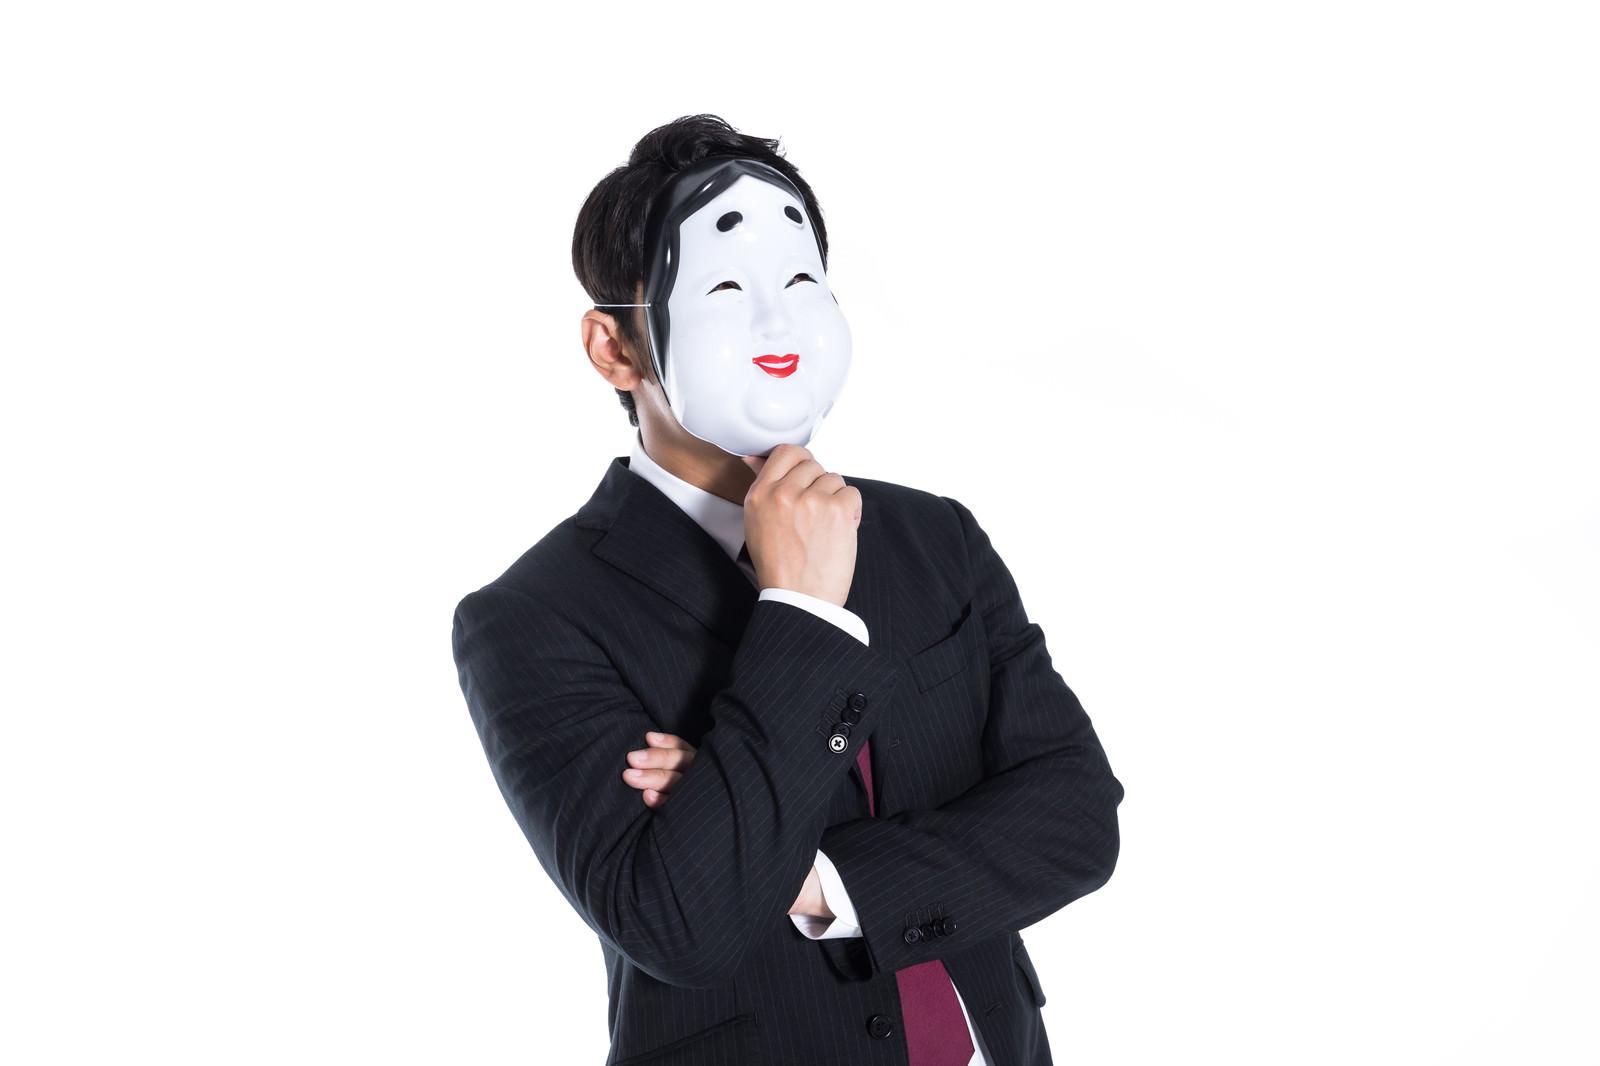 噂話を流してあざ笑う匿名社員の写真(画像)|フリー素材「ぱくたそ」